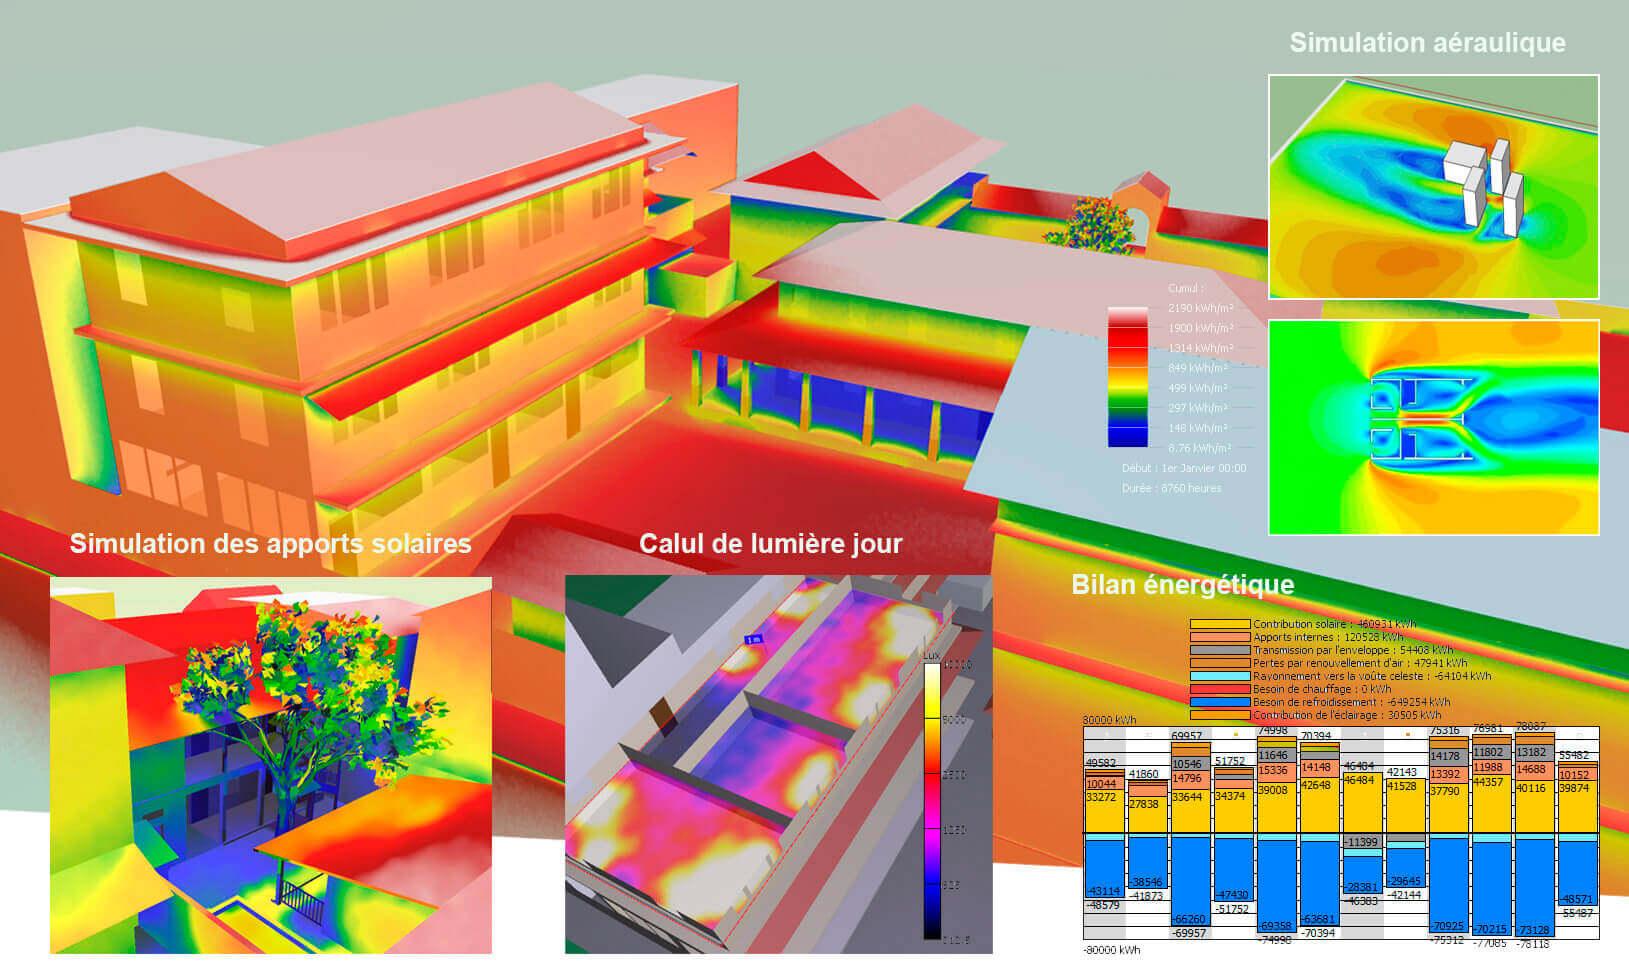 repésentation de l'étude thermique d'un batiment dans le cadre d'une réhabilitation immobilière